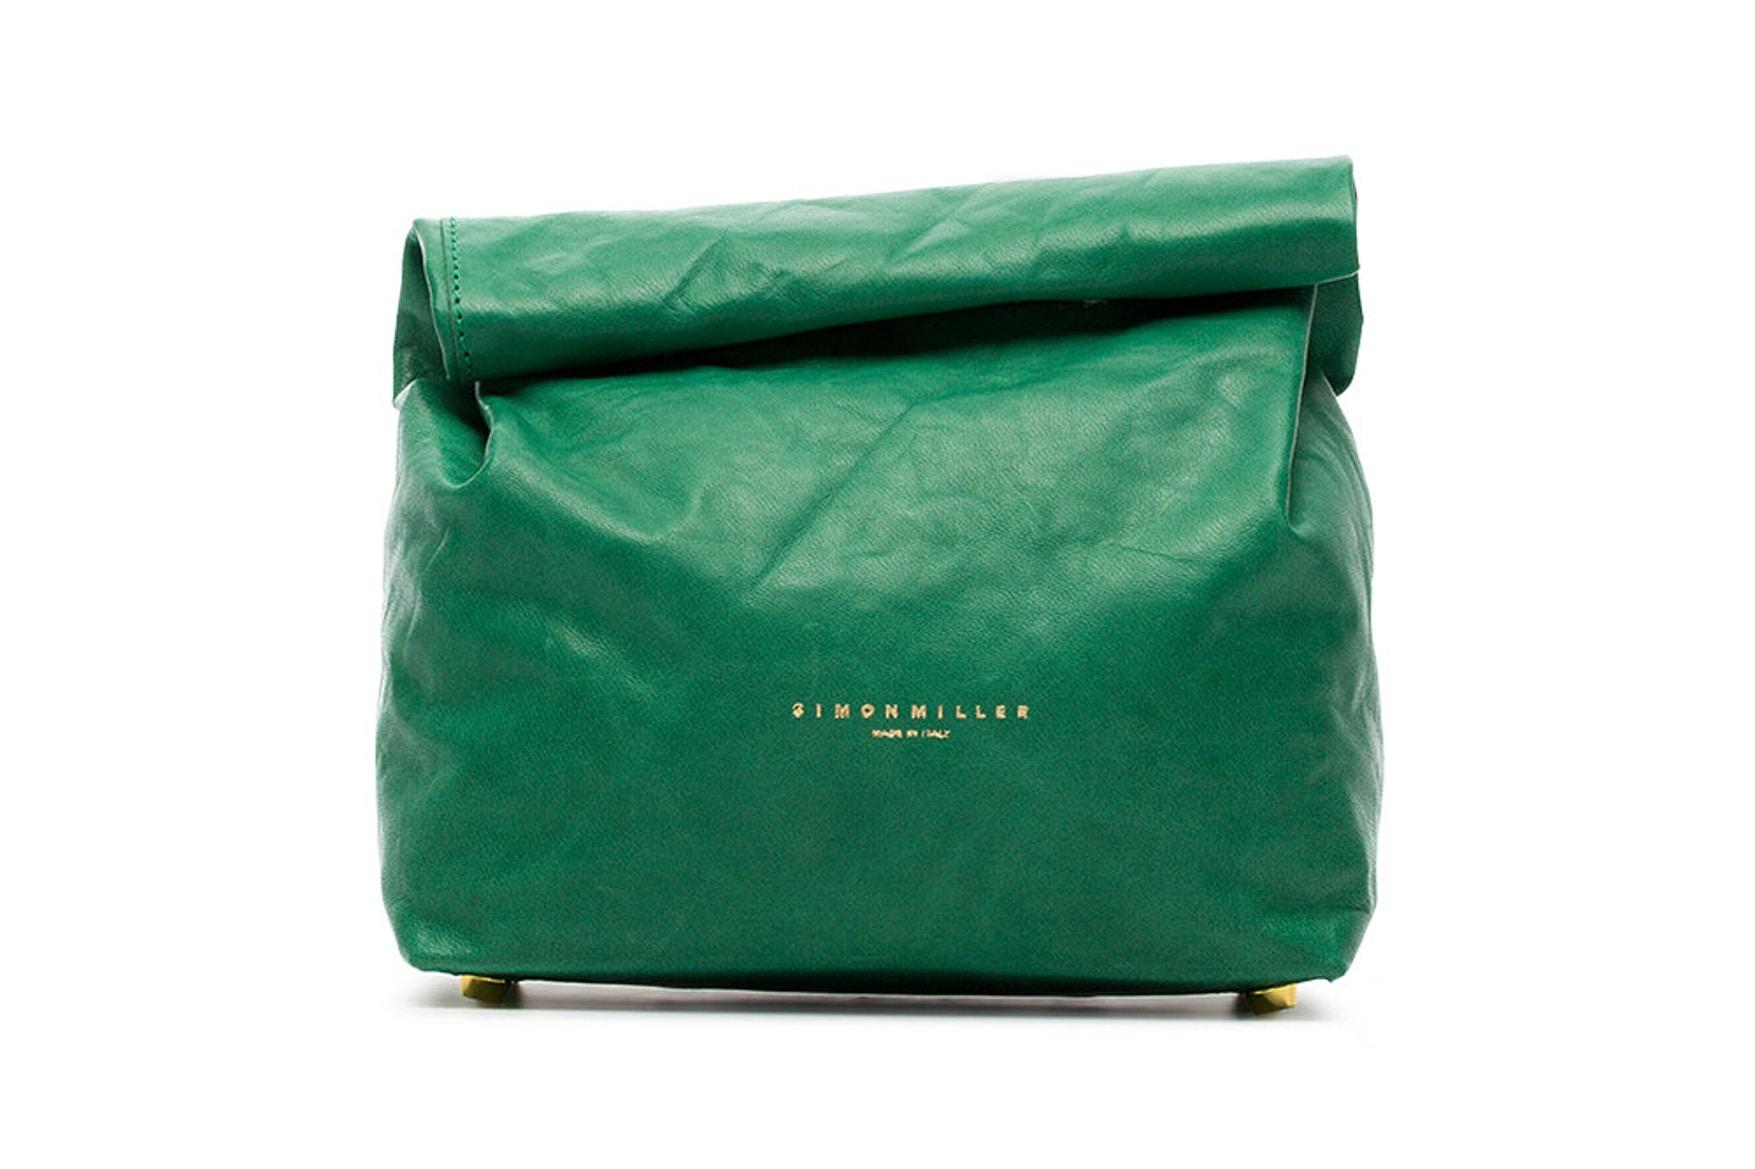 Simon Miller 羊皮紙袋或許是繼 Celine 透明手袋之後下一個受歡迎的 IT Bag